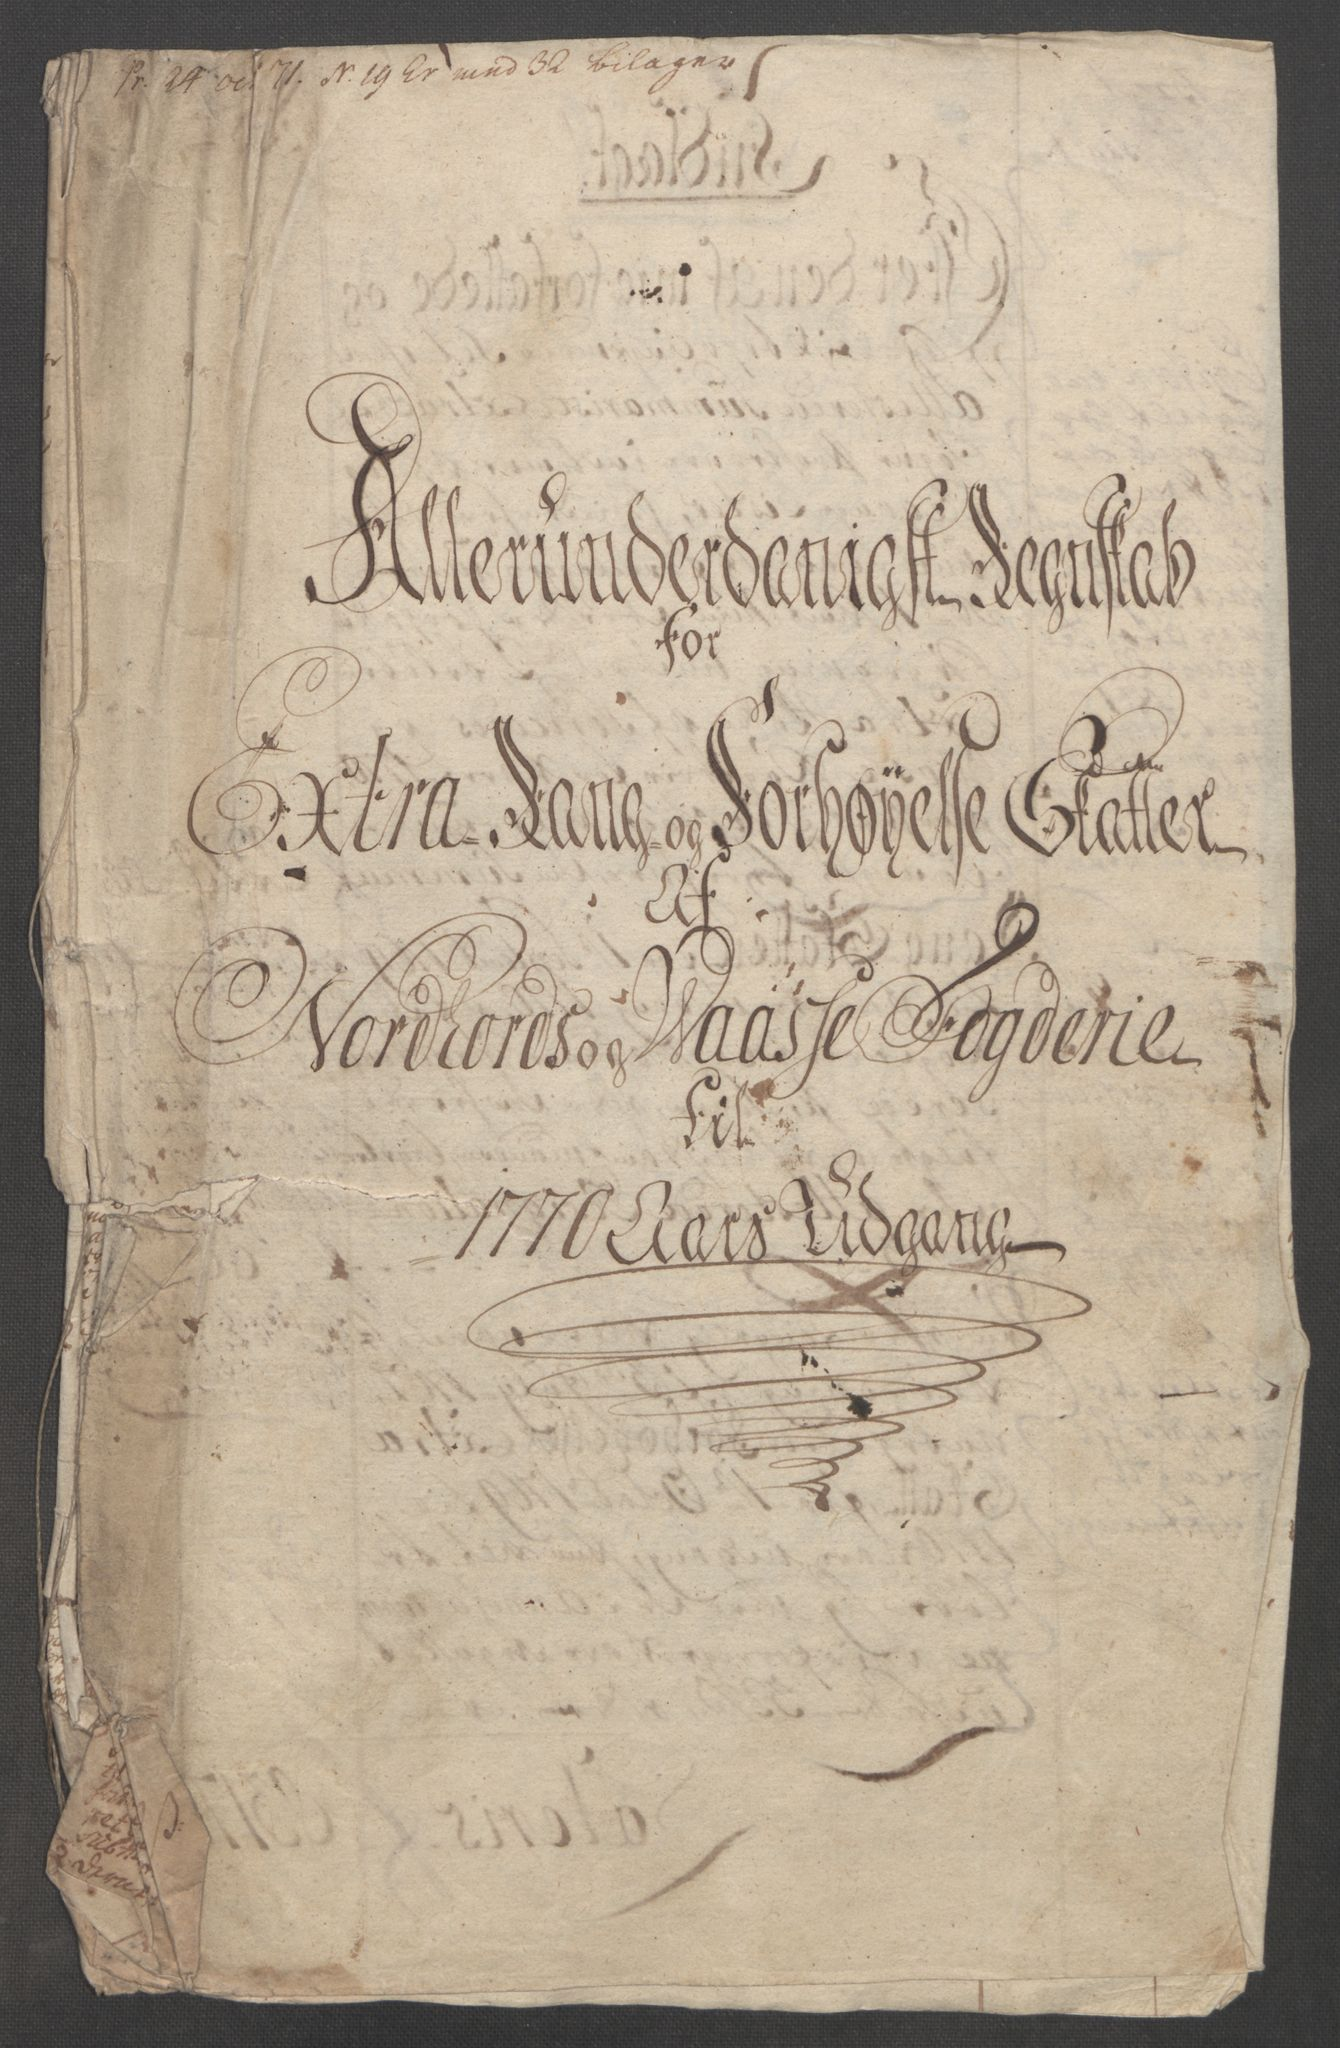 RA, Rentekammeret inntil 1814, Reviderte regnskaper, Fogderegnskap, R51/L3303: Ekstraskatten Nordhordland og Voss, 1762-1772, s. 385